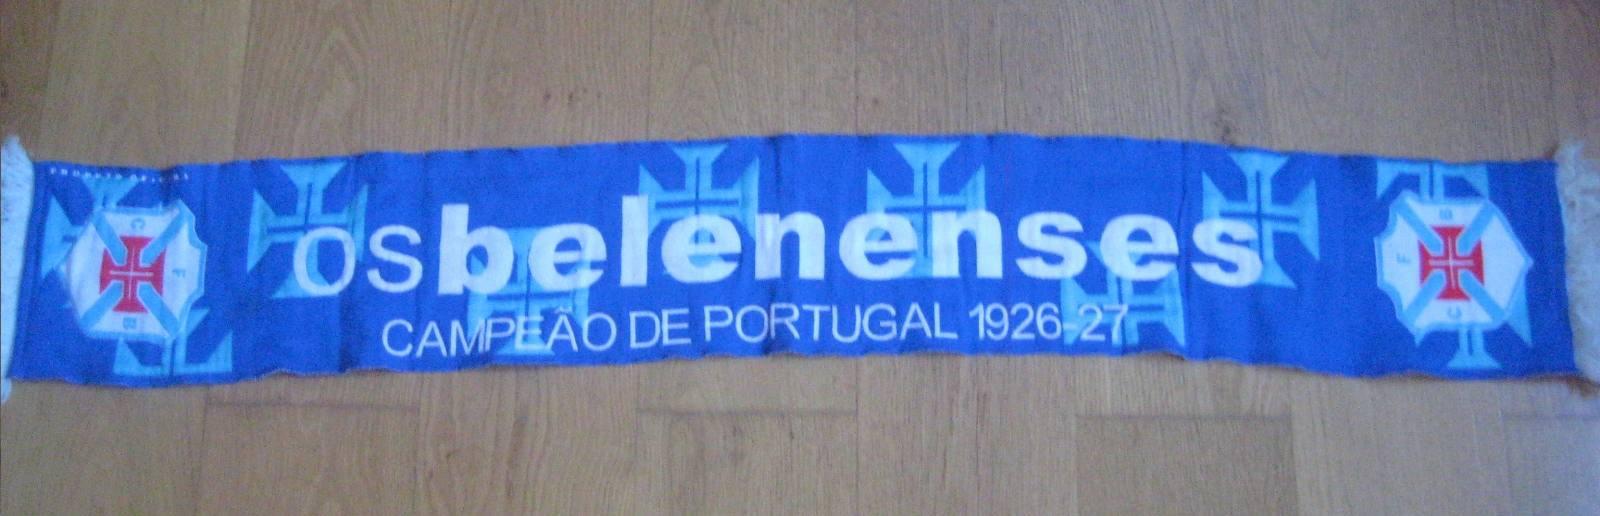 Este recente cachecol do Belenenses assinala o primeiro campeonato conquistado pelo clube. Outros três se seguiriam, mas só o último é contabilizado oficialmente